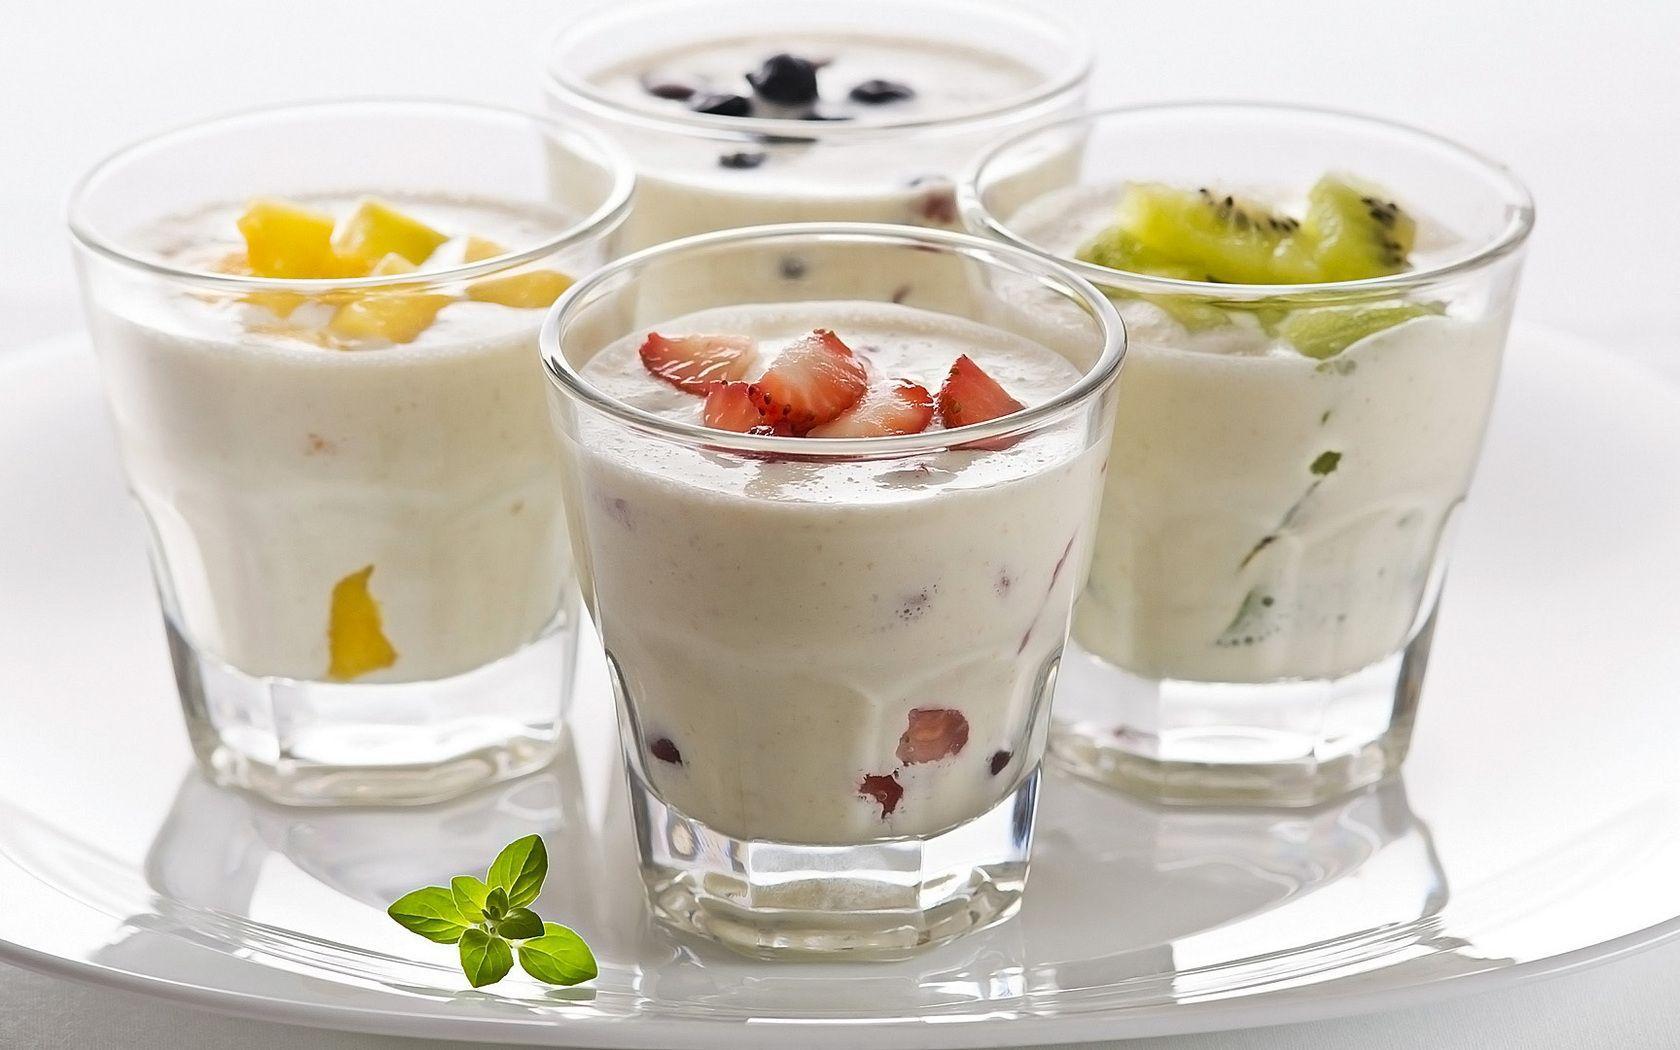 Молочные И Йогуртовые Диеты. Молочная и йогуртовая диета на 7 дней: секреты успешного похудения